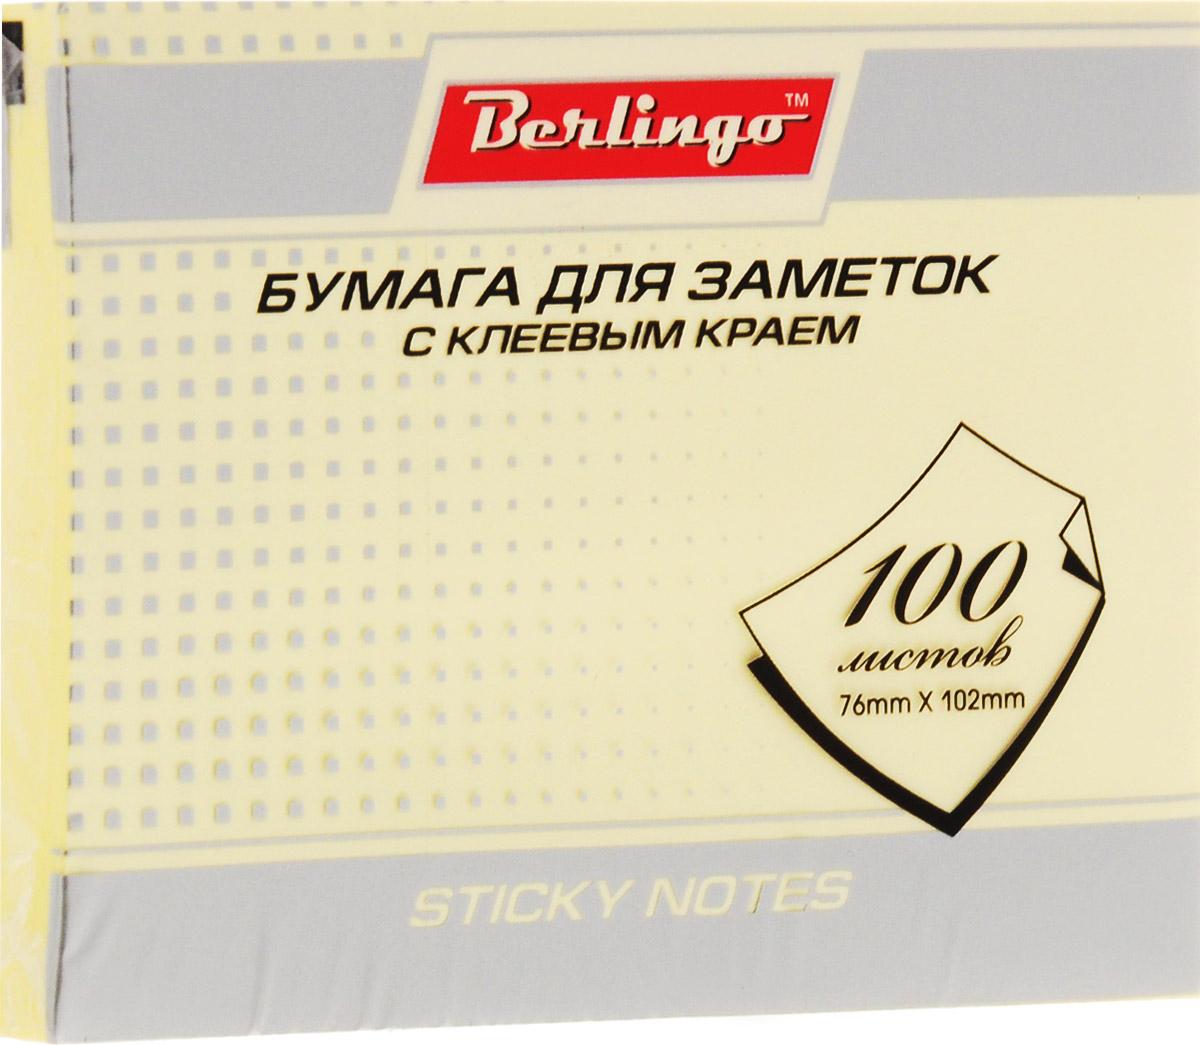 Berlingo Бумага для заметок цвет желтый 100 листовHN76102GeСамоклеящаяся бумага для заметок Berlingo оснащена нежным желтым цветом.Изготовлена бумага с использованием качественного клеевого состава и специальной основы. Листки при отрывании не закручиваются, а качество письма остается одинаковым по всей площади листка.Такая бумага отлично подходит для крепления на любой поверхности. Легко отклеивается, не оставляя следов.